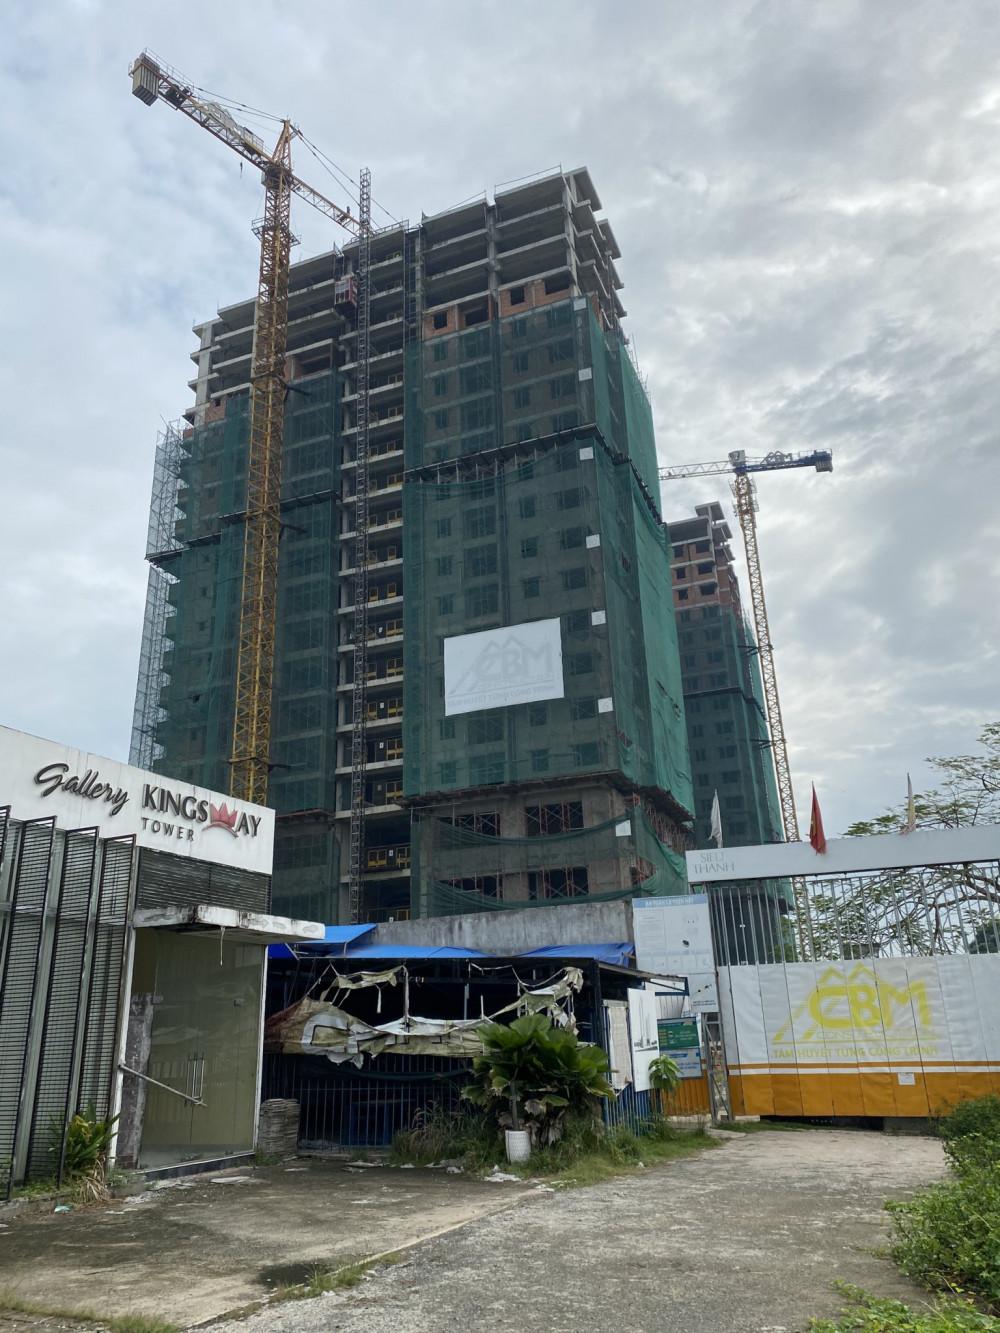 Cơ quan Cảnh sát điều tra - Công an TPHCM vừa ra quyết định khởi tố vụ án hình sự xảy ra tại Công ty Siêu Thành - chủ đầu tư dự án Kingsway Tower